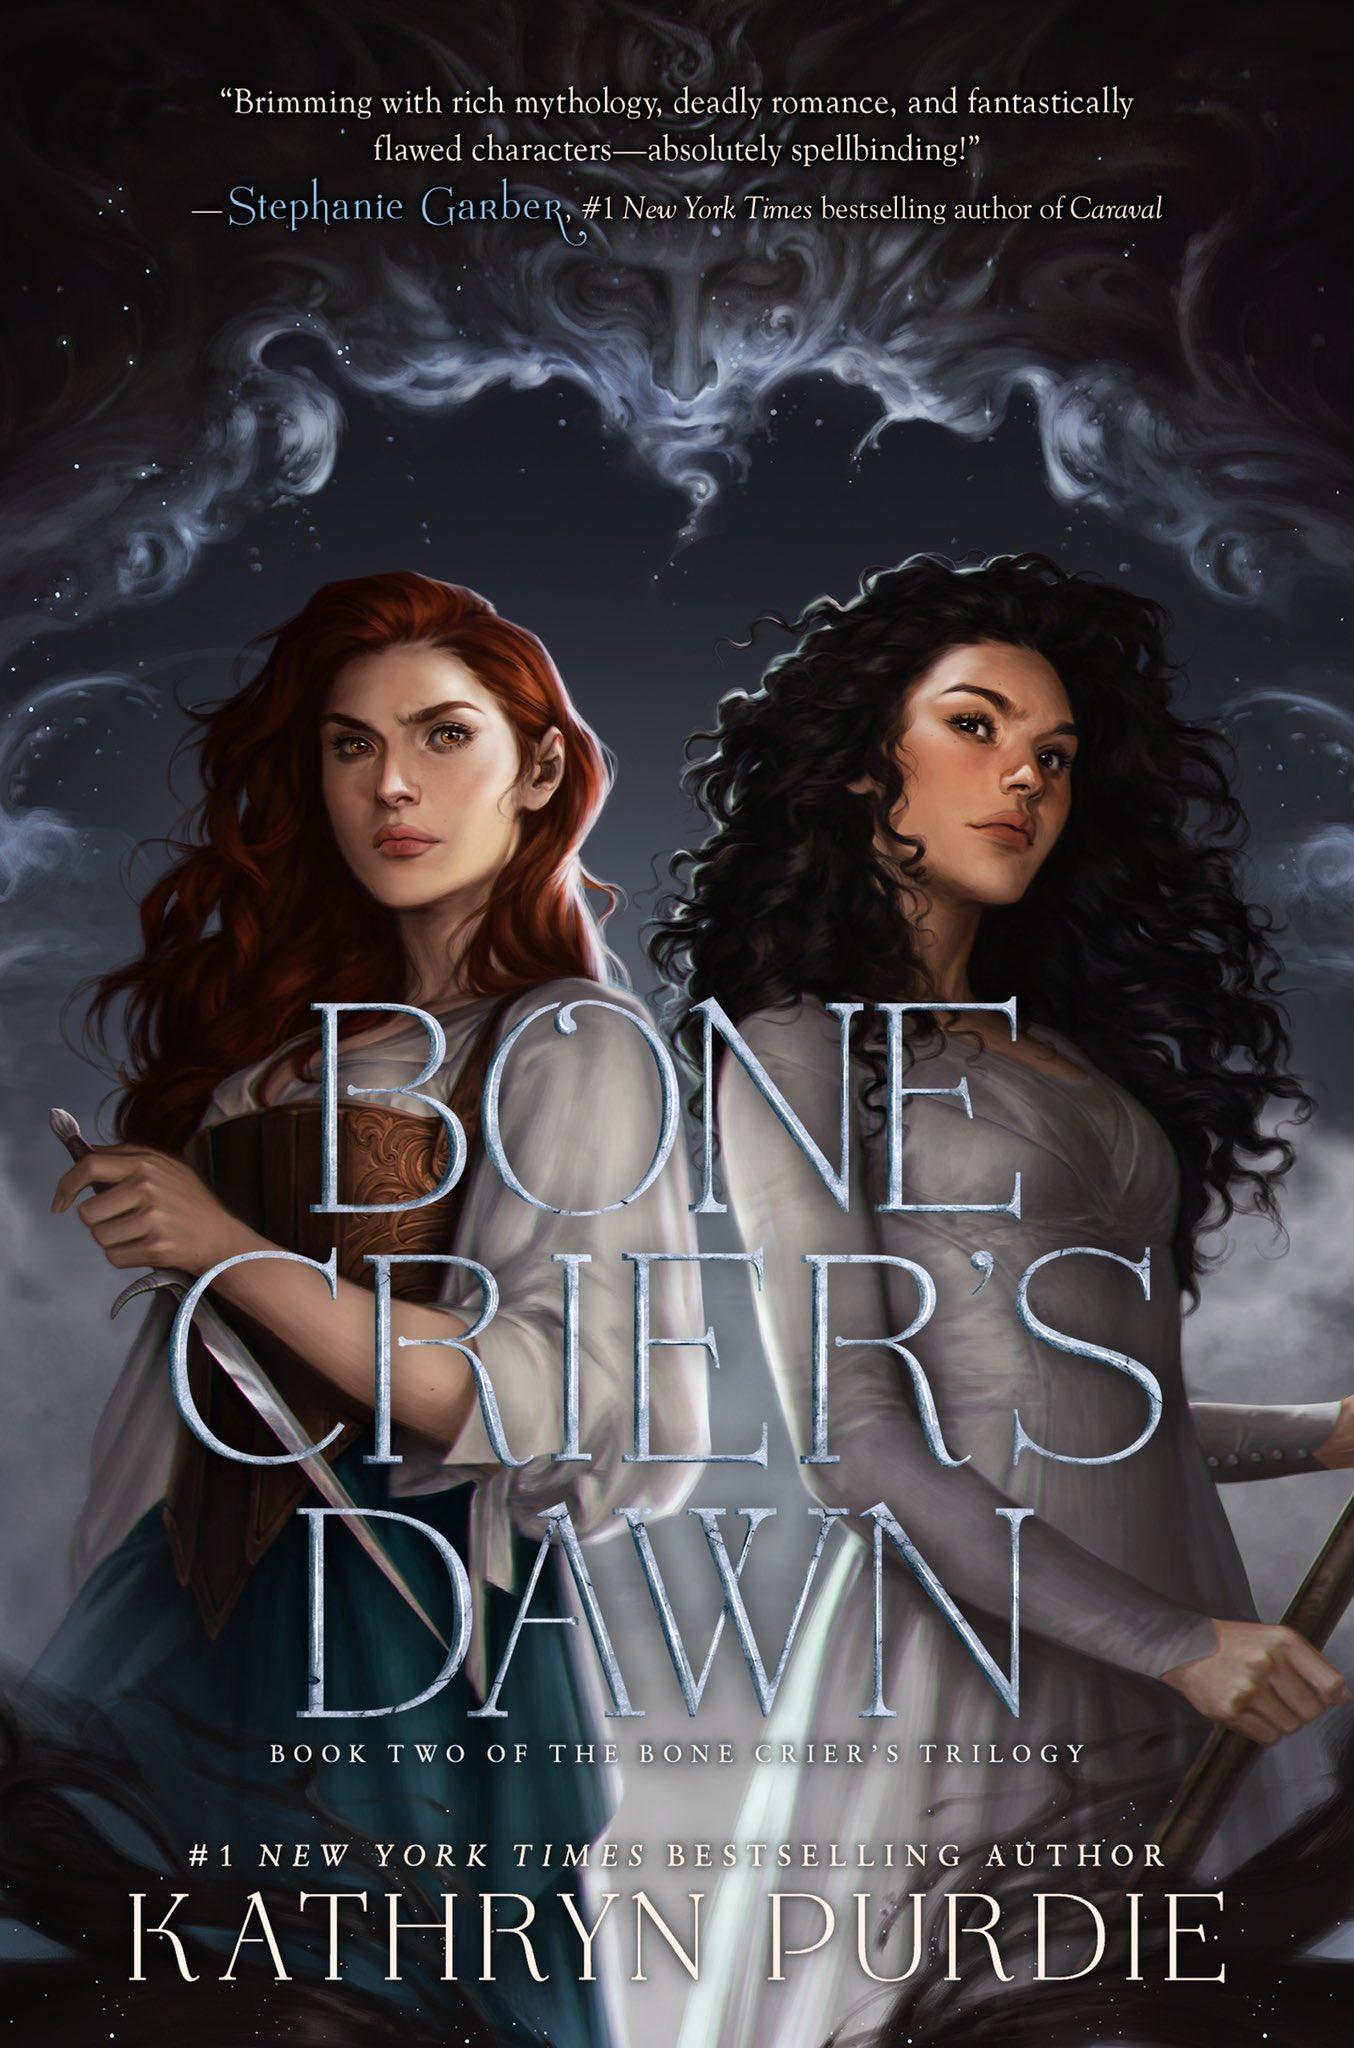 Bone Crier's Dawn (Bone Grace, #2) by Kathryn Purdie